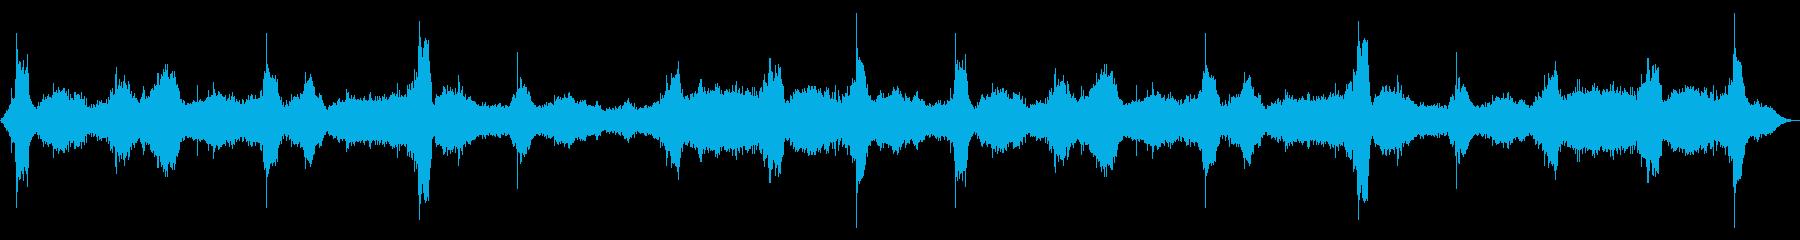 [生録音]海、波の音02(Lo-fi版)の再生済みの波形